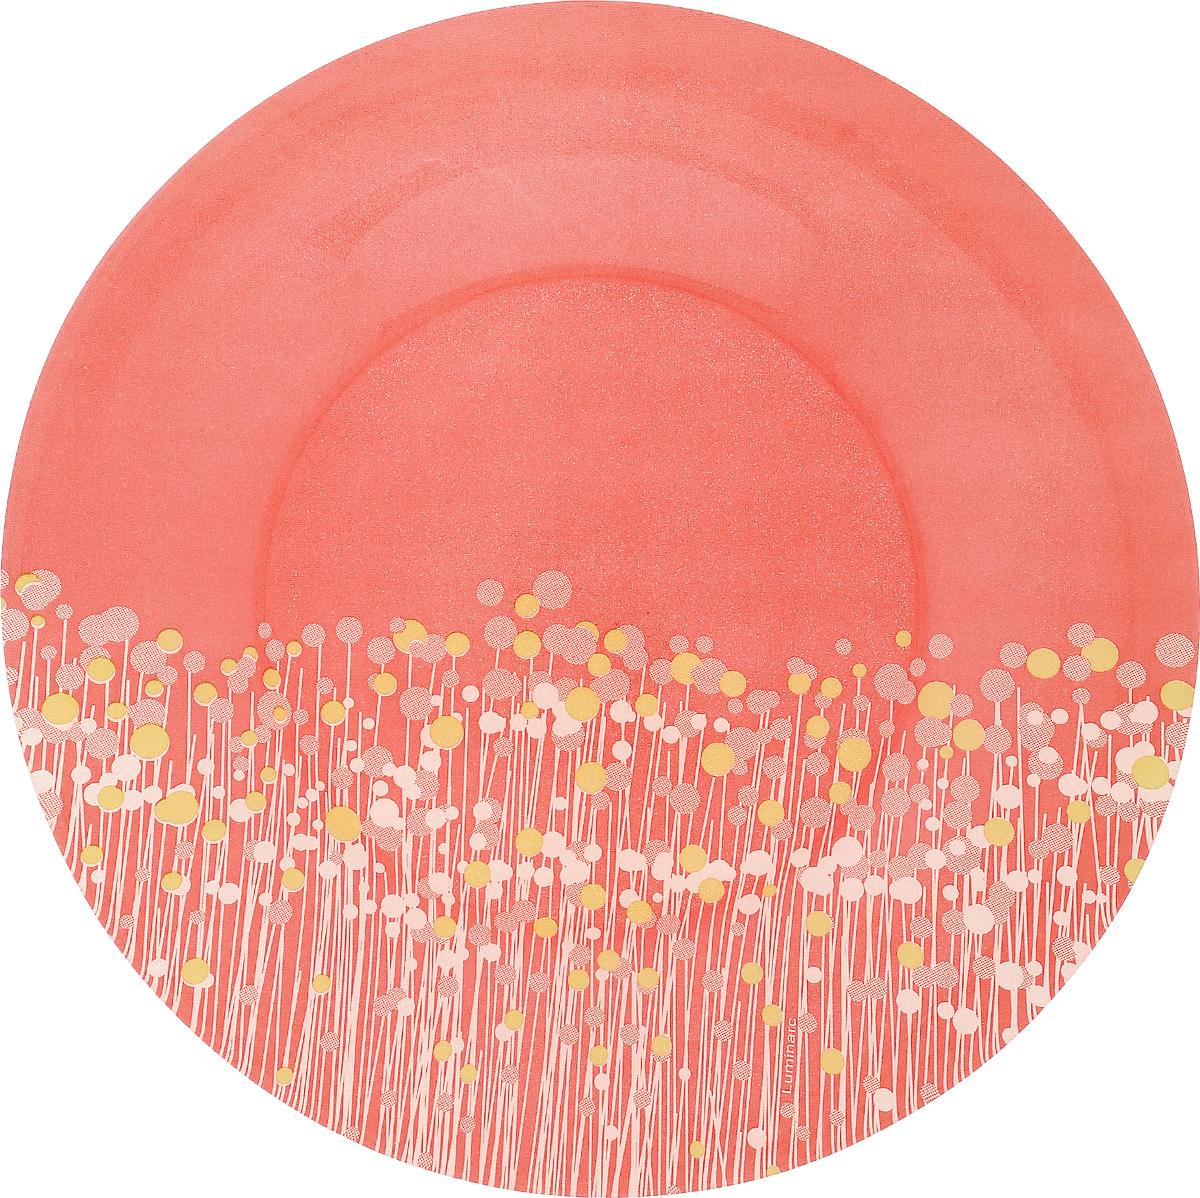 Тарелка десертная Luminarc Flowerfield Red, 19,5 смH2483Десертная тарелка Luminarc Flowerfield Red, изготовленная из ударопрочного стекла, имеет изысканный внешний вид. Такая тарелка прекрасно подходит как для торжественных случаев, так и для повседневного использования. Идеальна для подачи десертов, пирожных, тортов и многого другого. Она прекрасно оформит стол и станет отличным дополнением к вашей коллекции кухонной посуды. Диаметр тарелки (по верхнему краю): 19,5 см.